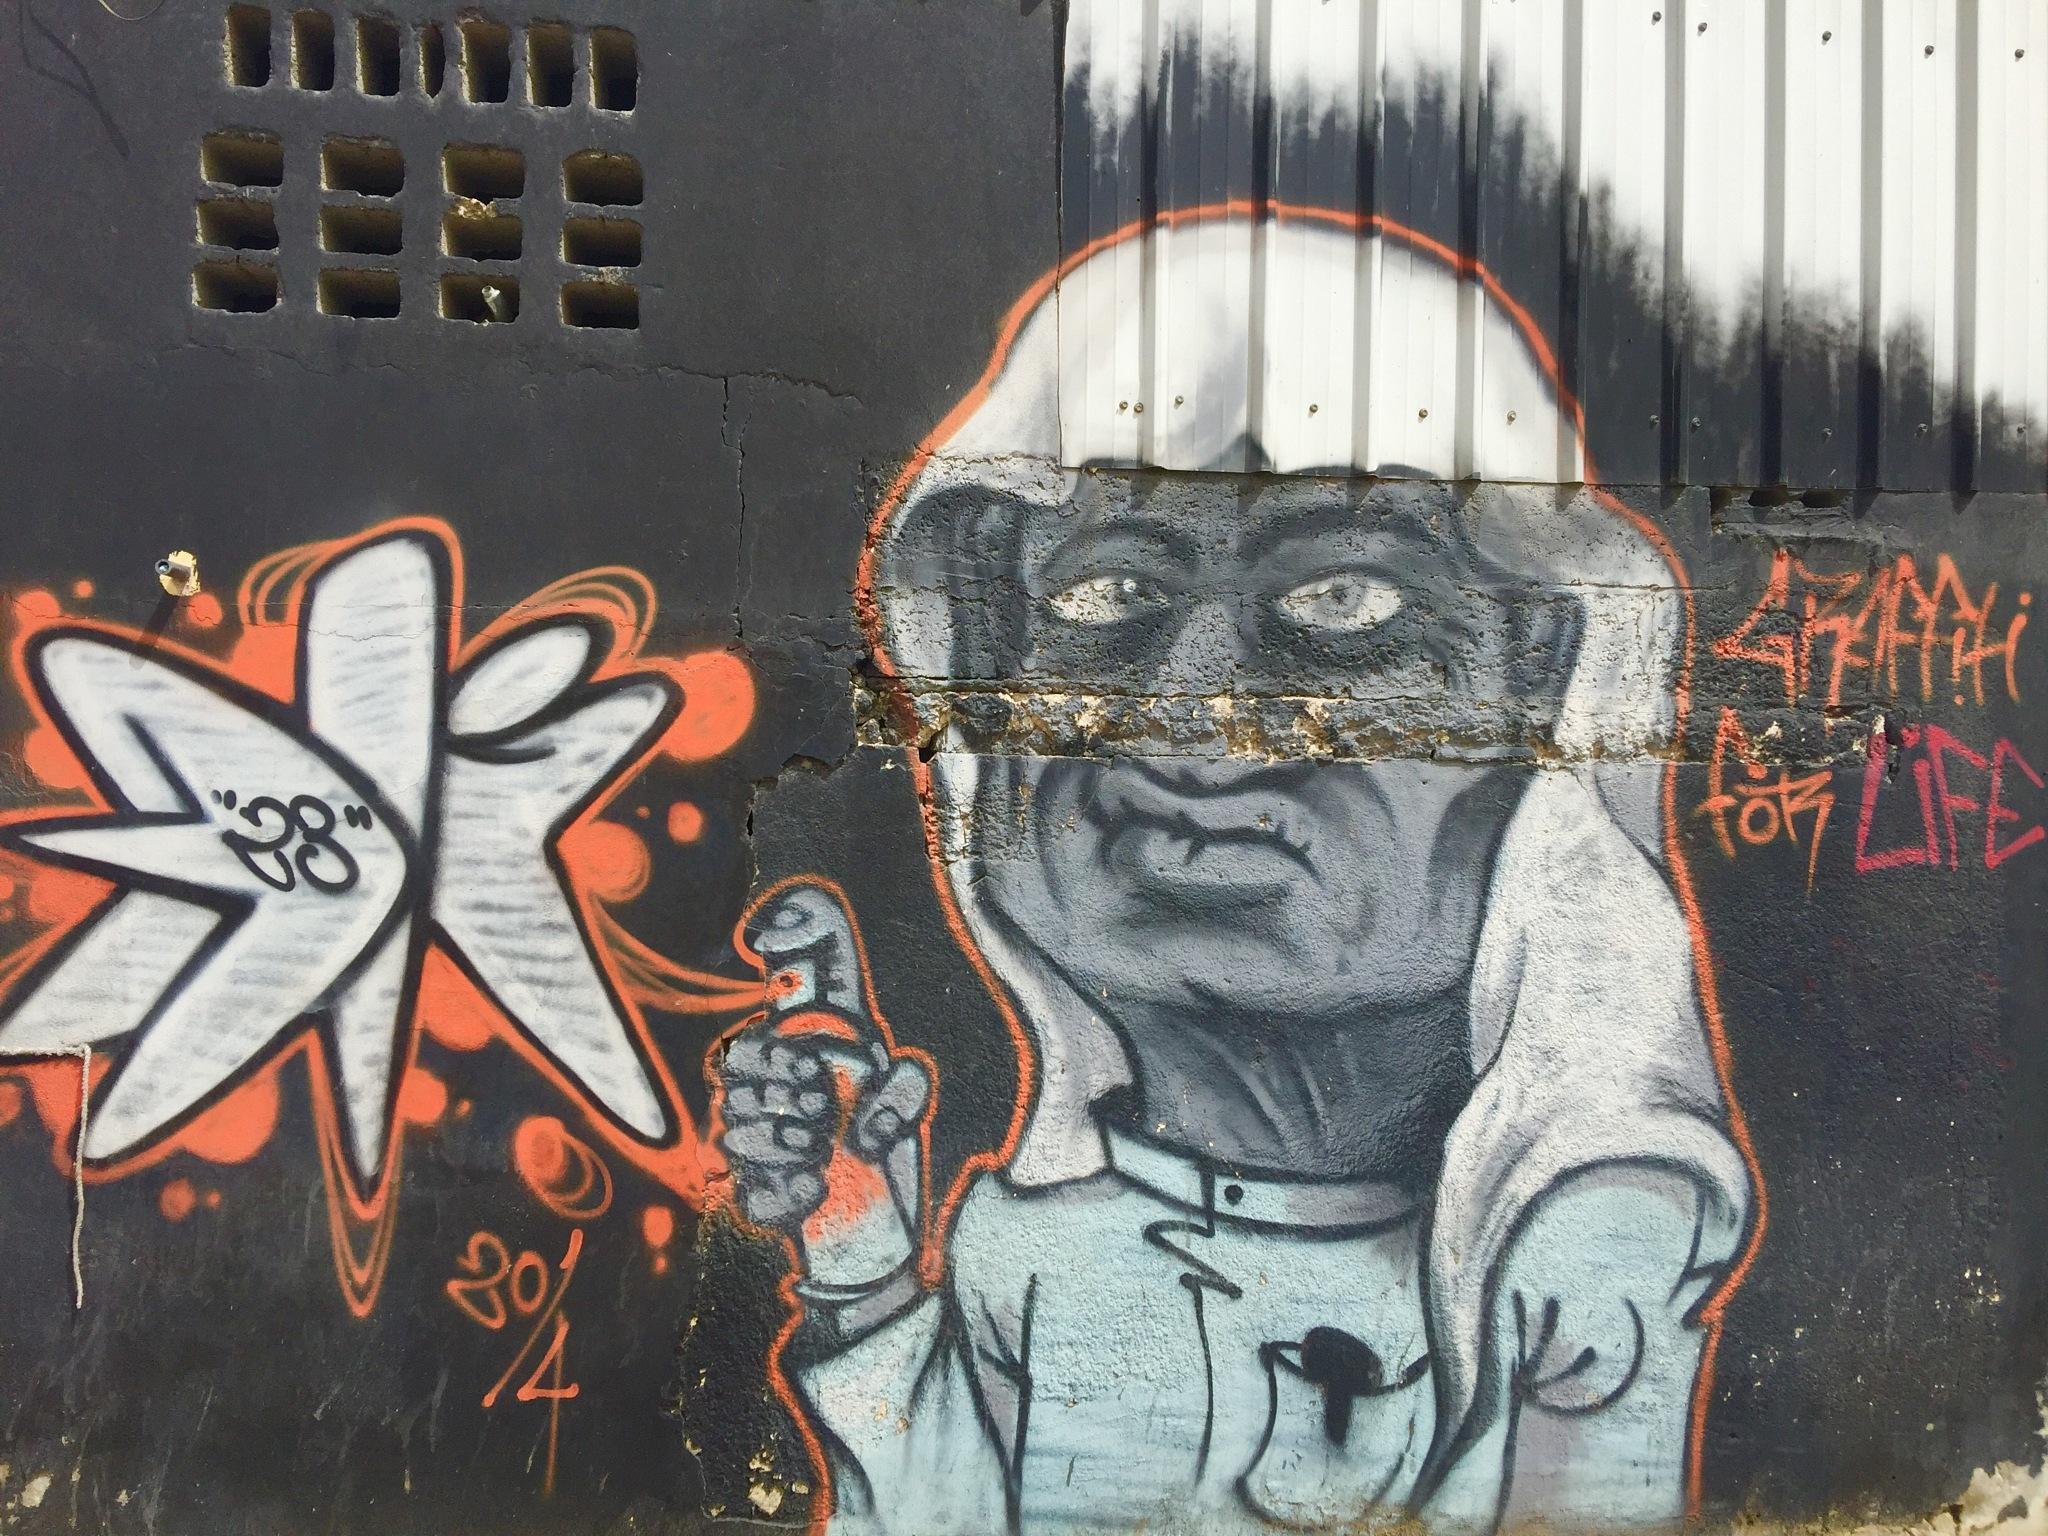 Graffiti the art of walls by Sadiq Ali AlQatari